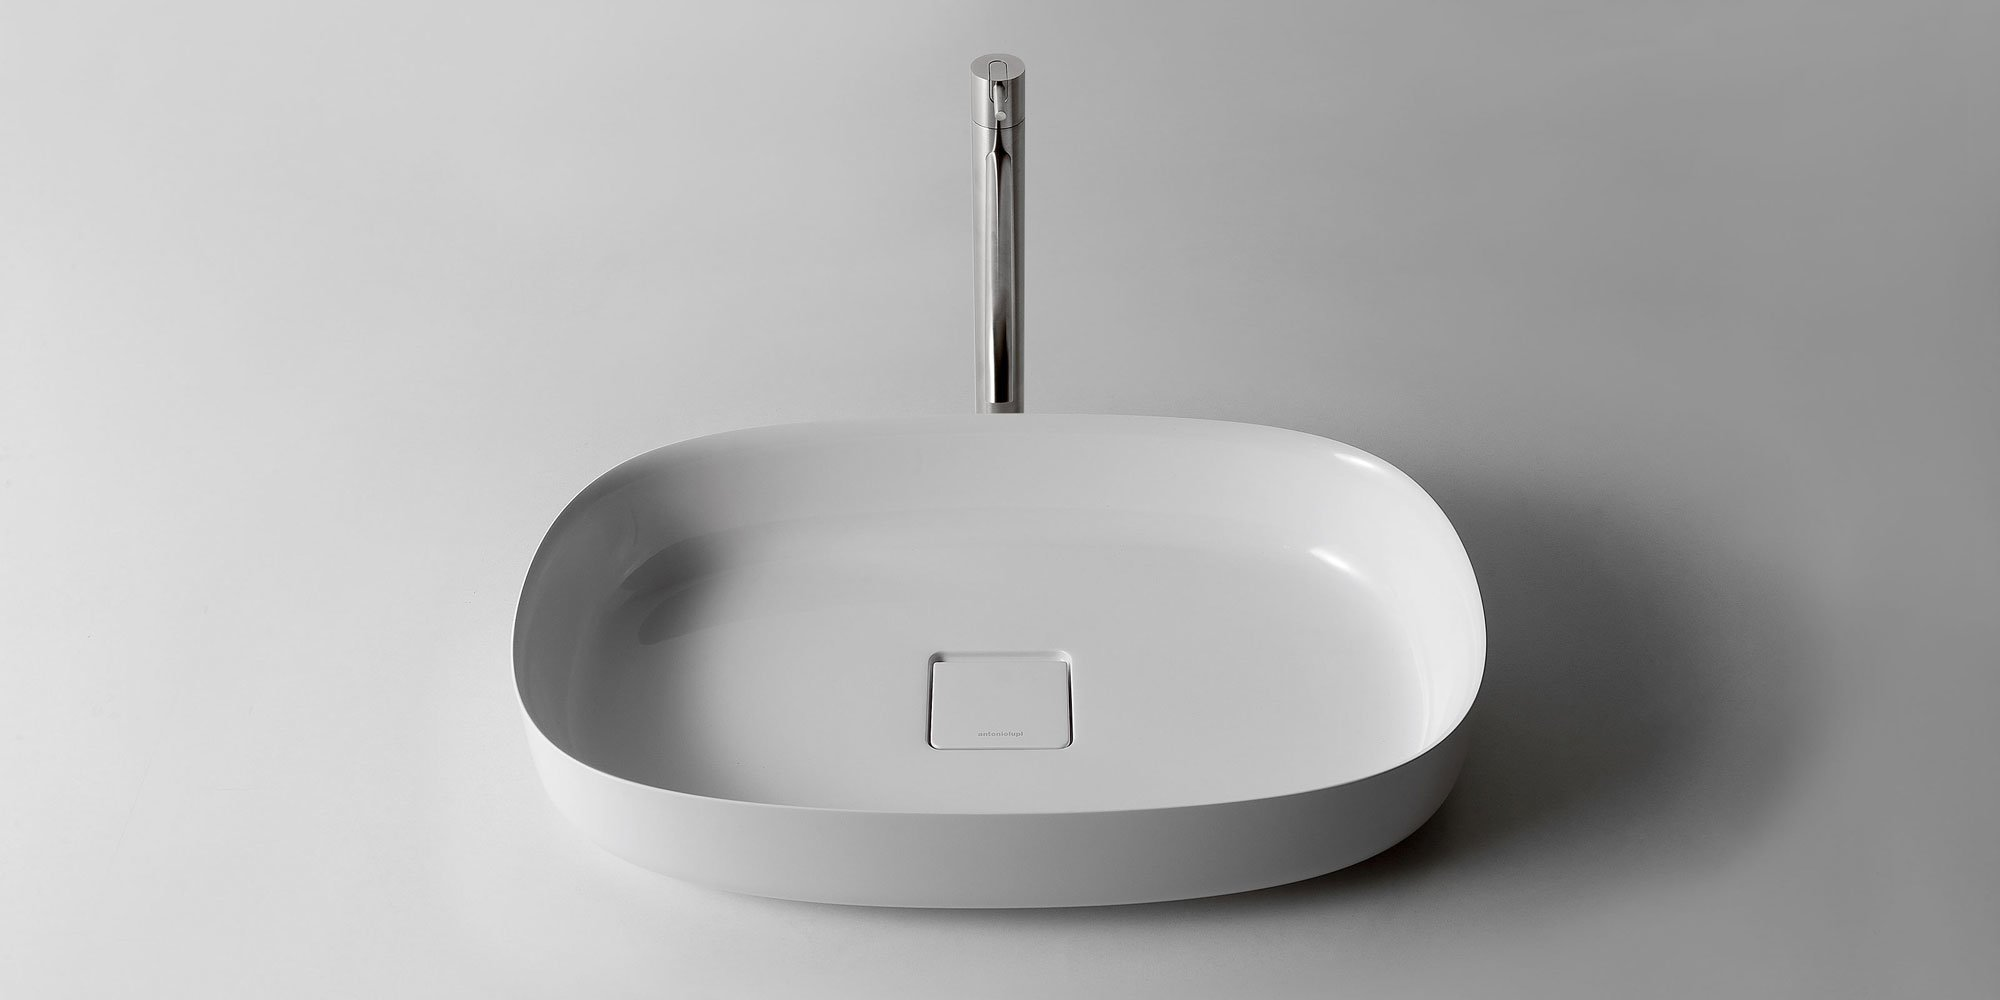 antonio lupi waschbecken waschtisch bolo designbest. Black Bedroom Furniture Sets. Home Design Ideas